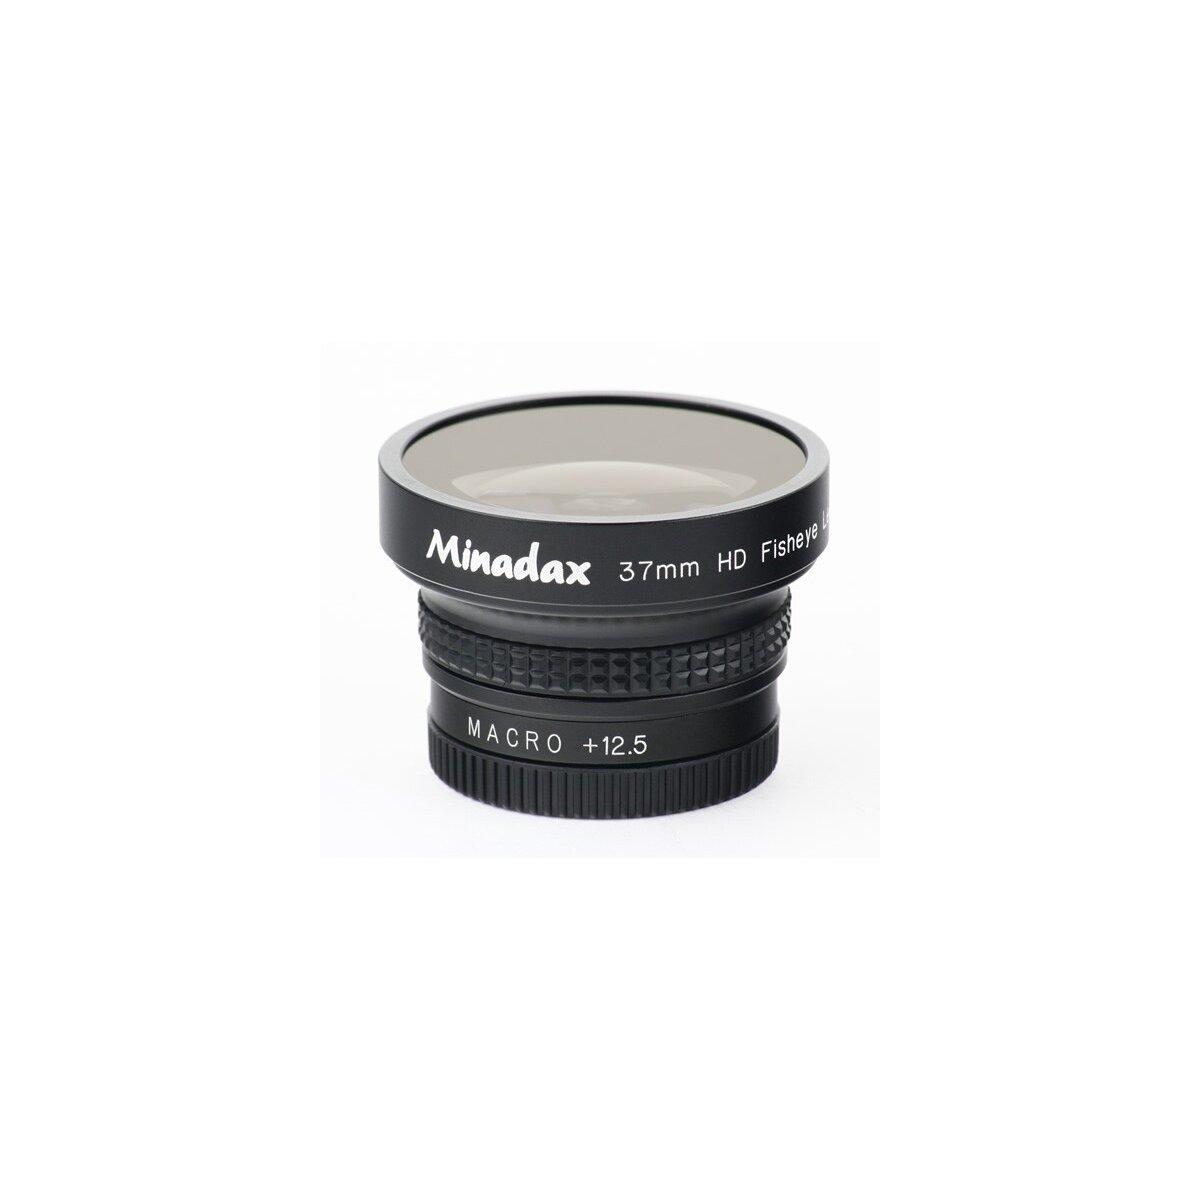 Minadax 0.42x Fisheye Vorsatz kompatibel mit Canon LEGRIA HF R26, LEGRIA HF R28, LEGRIA HF R206, MVX4i, MVX20i, MVX25i, MVX40, MVX45i, MVX200, MVX200i, MVX250i, MVX300, MVX330i, MVX350i